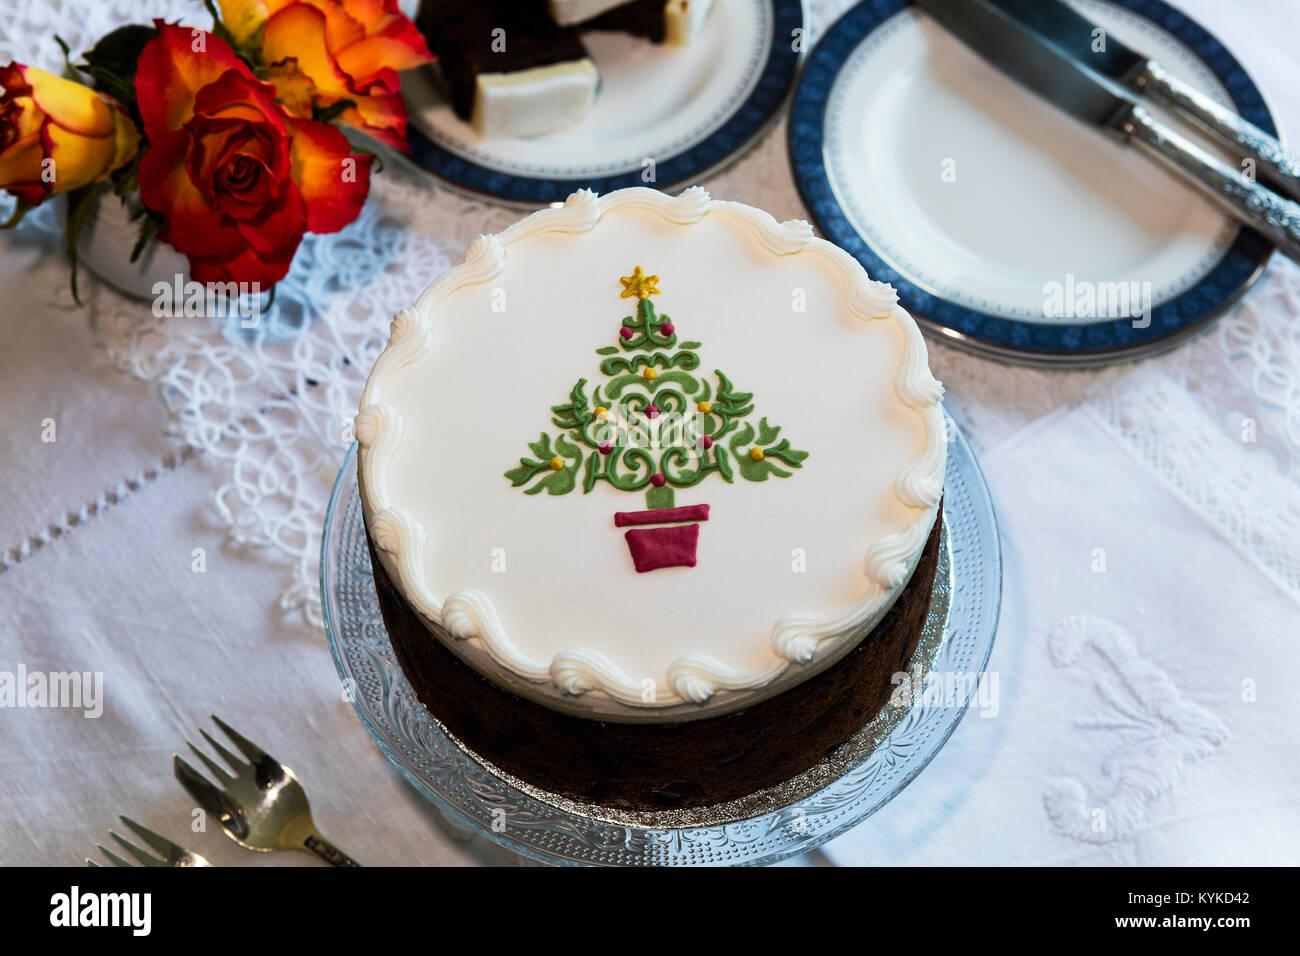 Gâteau décoré de fruits sur le dessus avec des amandes et glaçage royal au pochoir et l'arbre Photo Stock